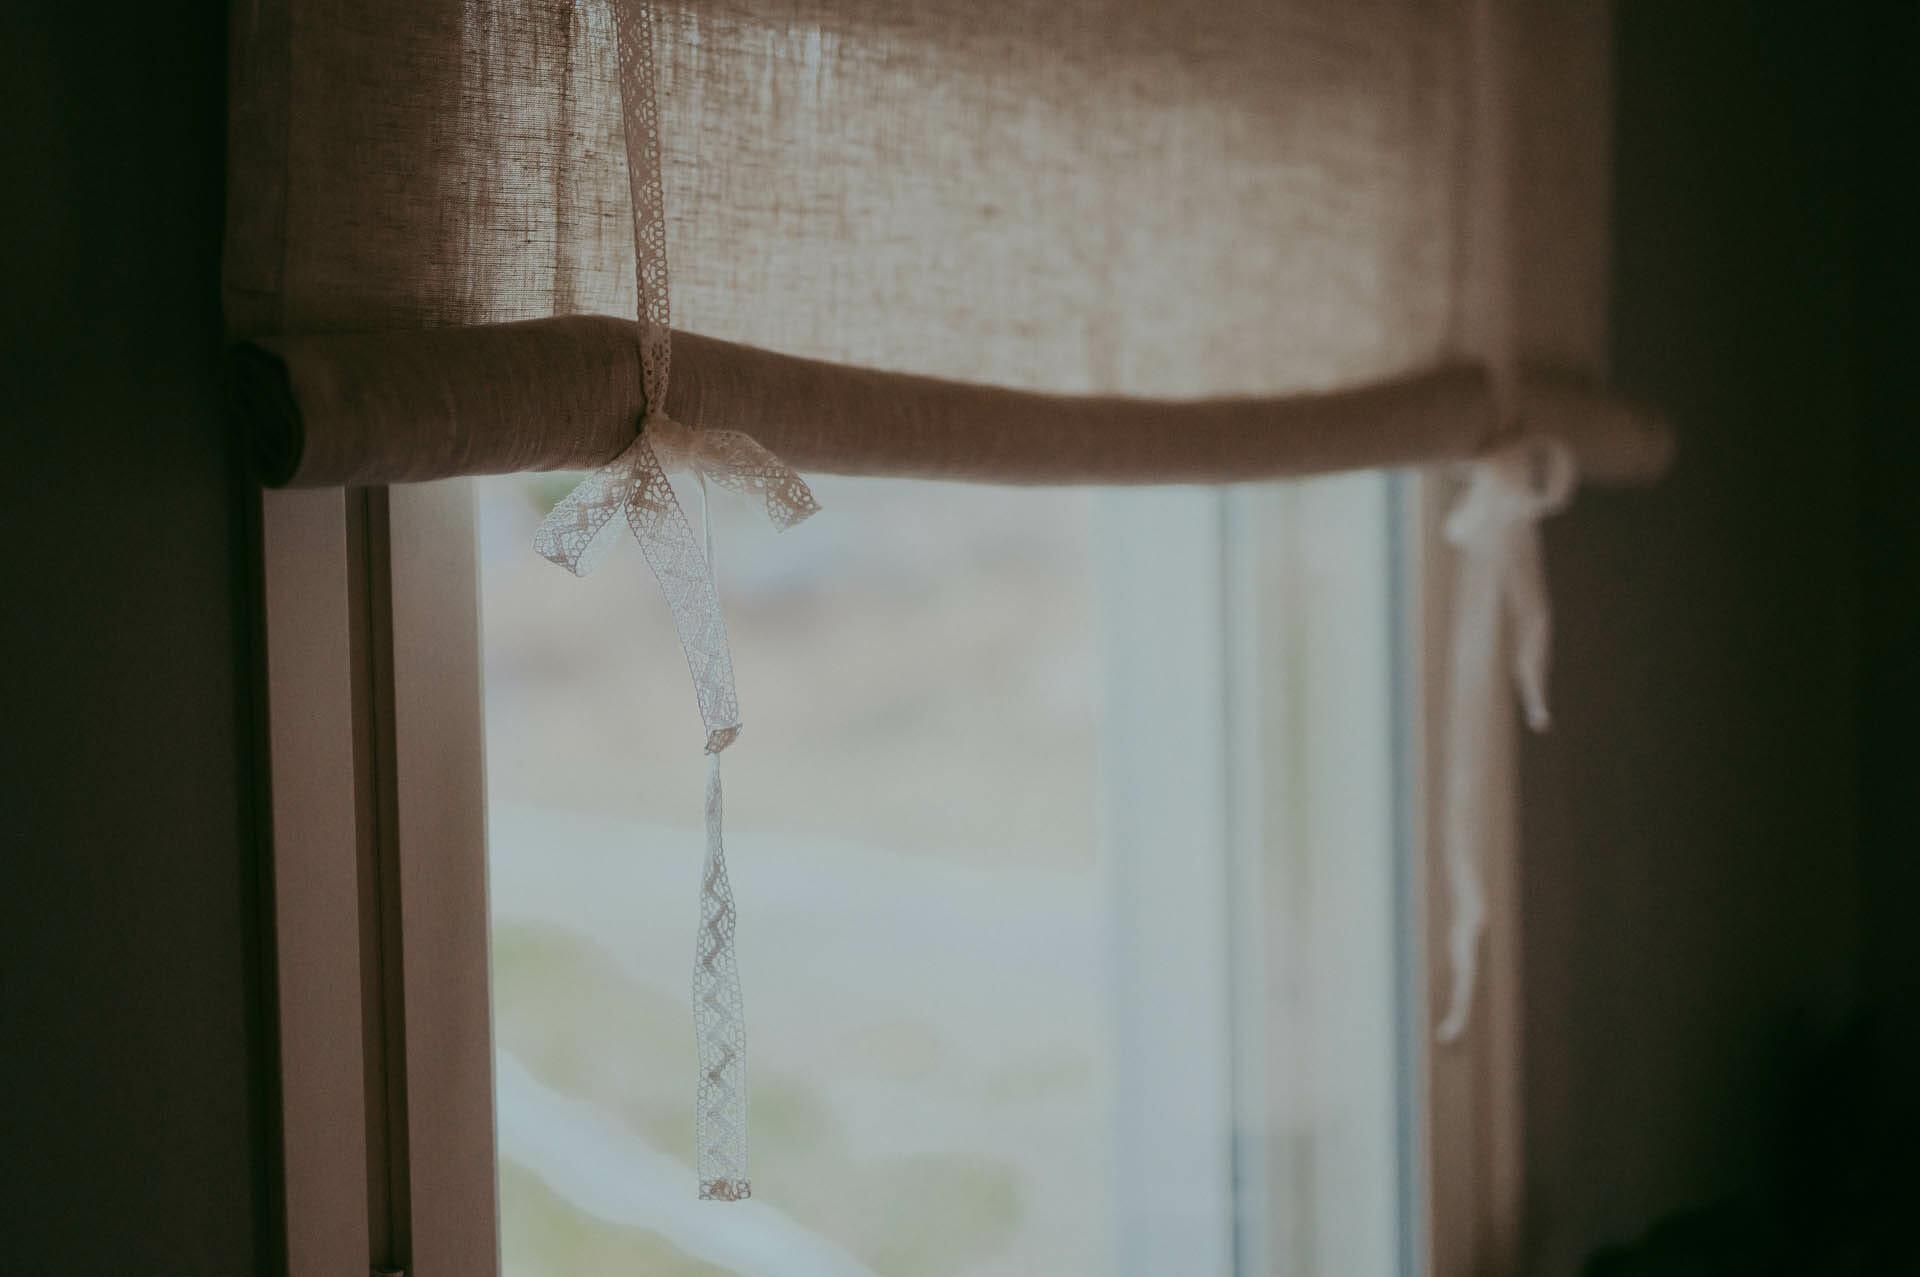 Rullaverhokappa pitsinauhalla ikkunassa.